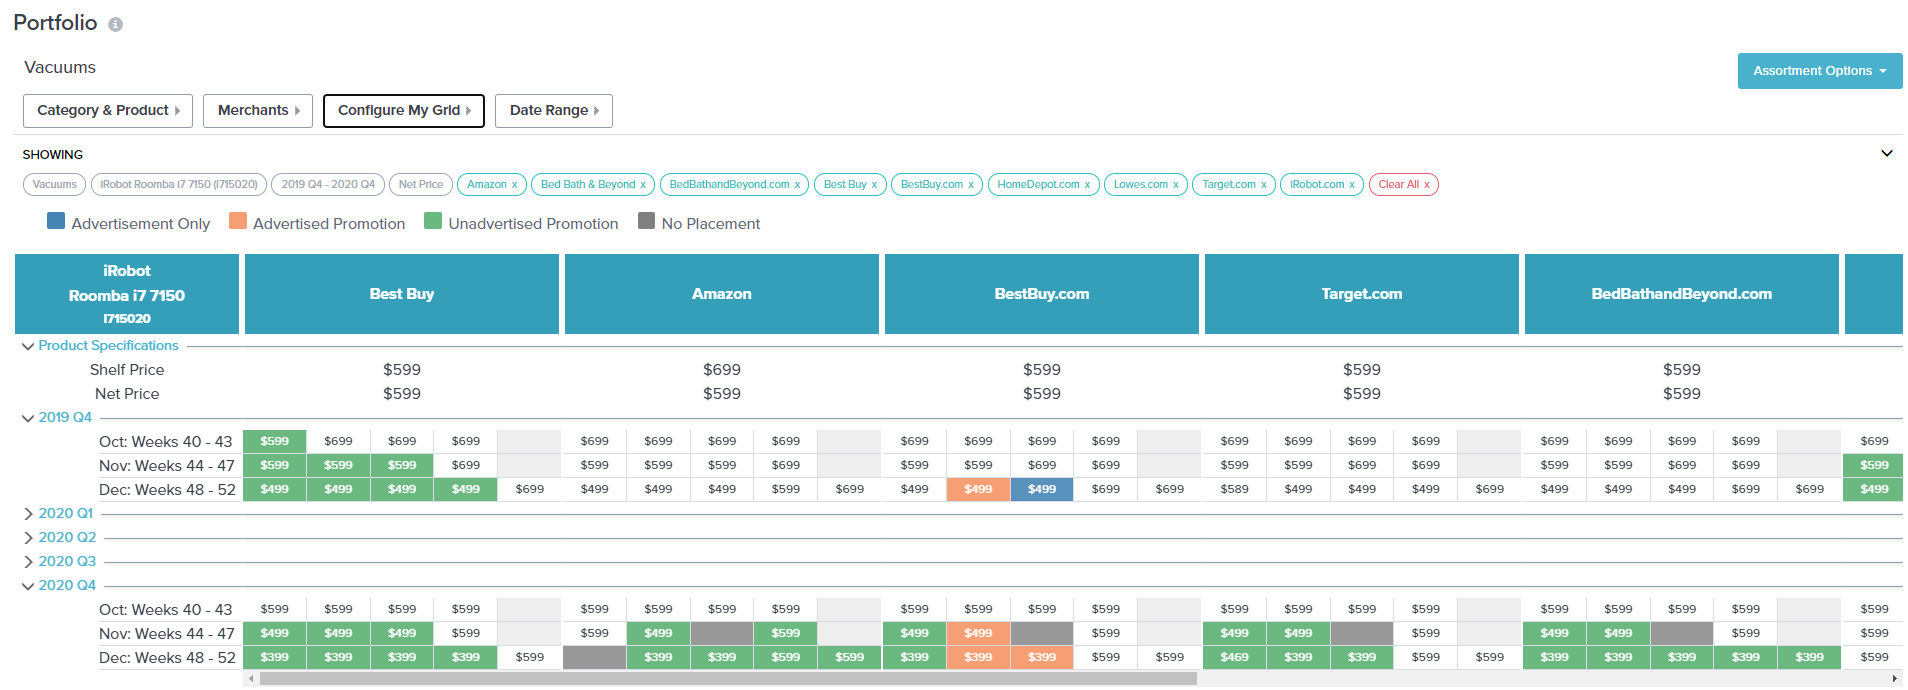 Portfolio showing a single product at multiple merchants, YoY Q4 comparison